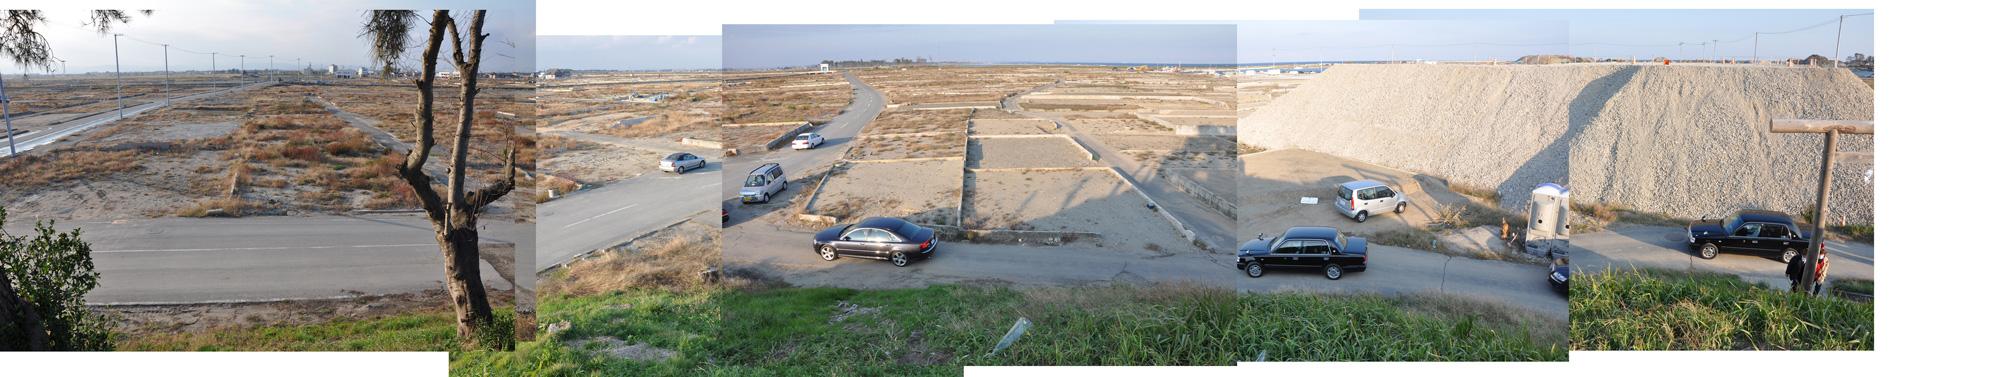 閖上日和山定点観測(西北西-東南東)2011年10月